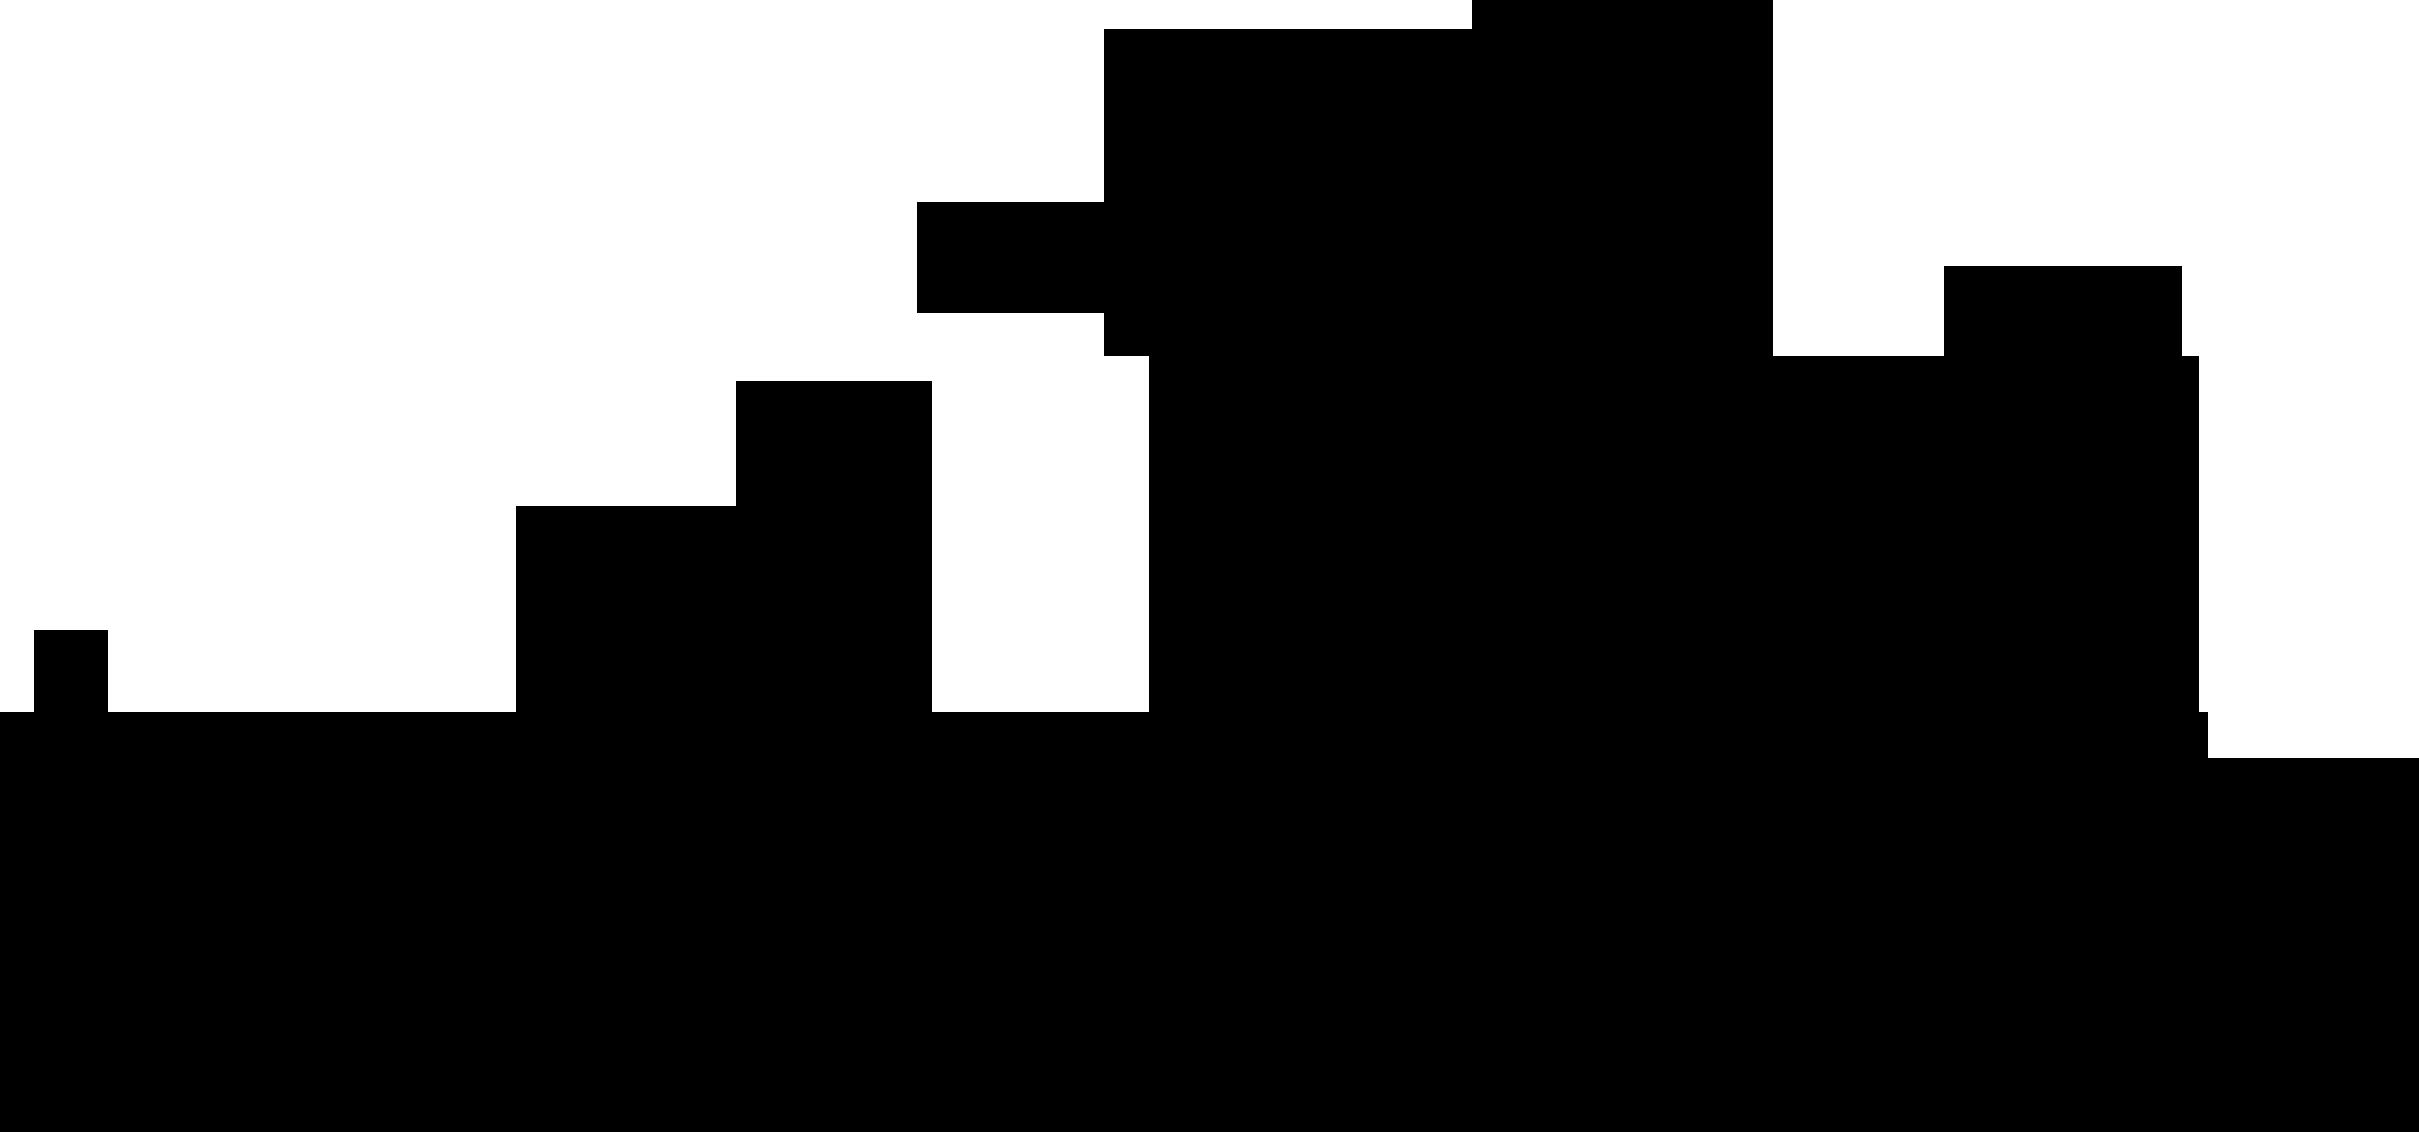 متن زیبا برای فارغ التحصیلی دانشگاه دانشگاه آزاد اسلامی واحد ملارد - Wikiwand poster